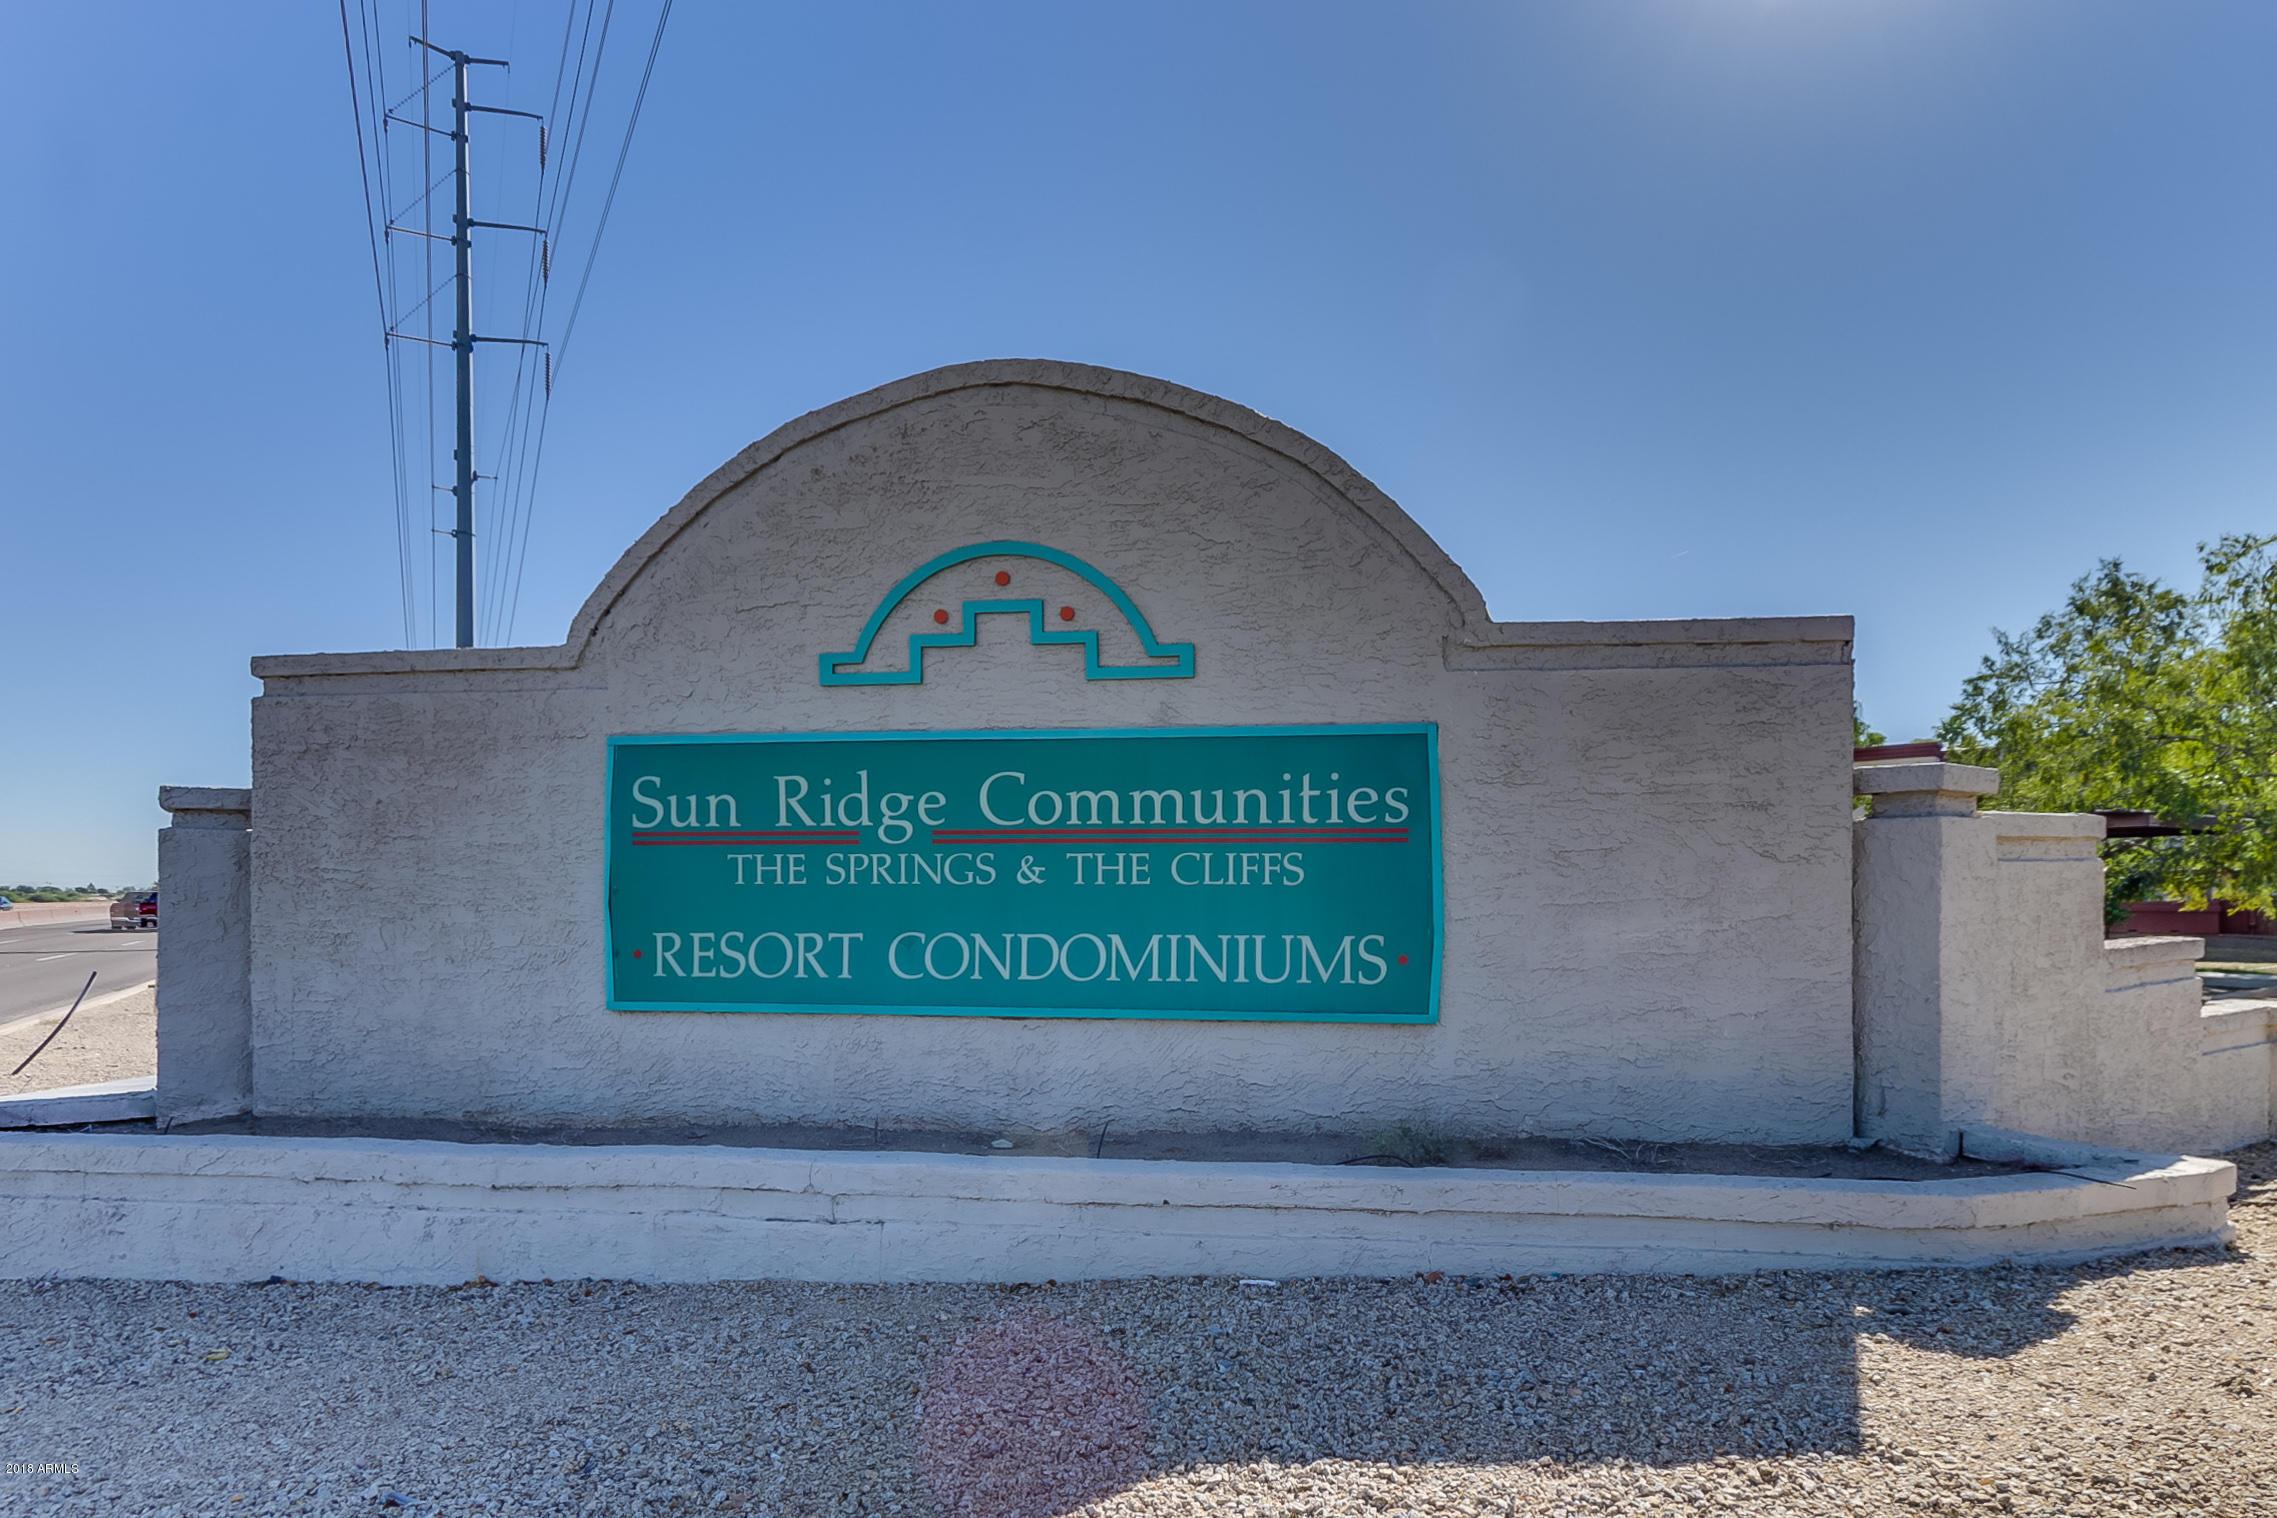 MLS 5846472 12123 W BELL Road Unit 359, Surprise, AZ Surprise AZ Condo or Townhome